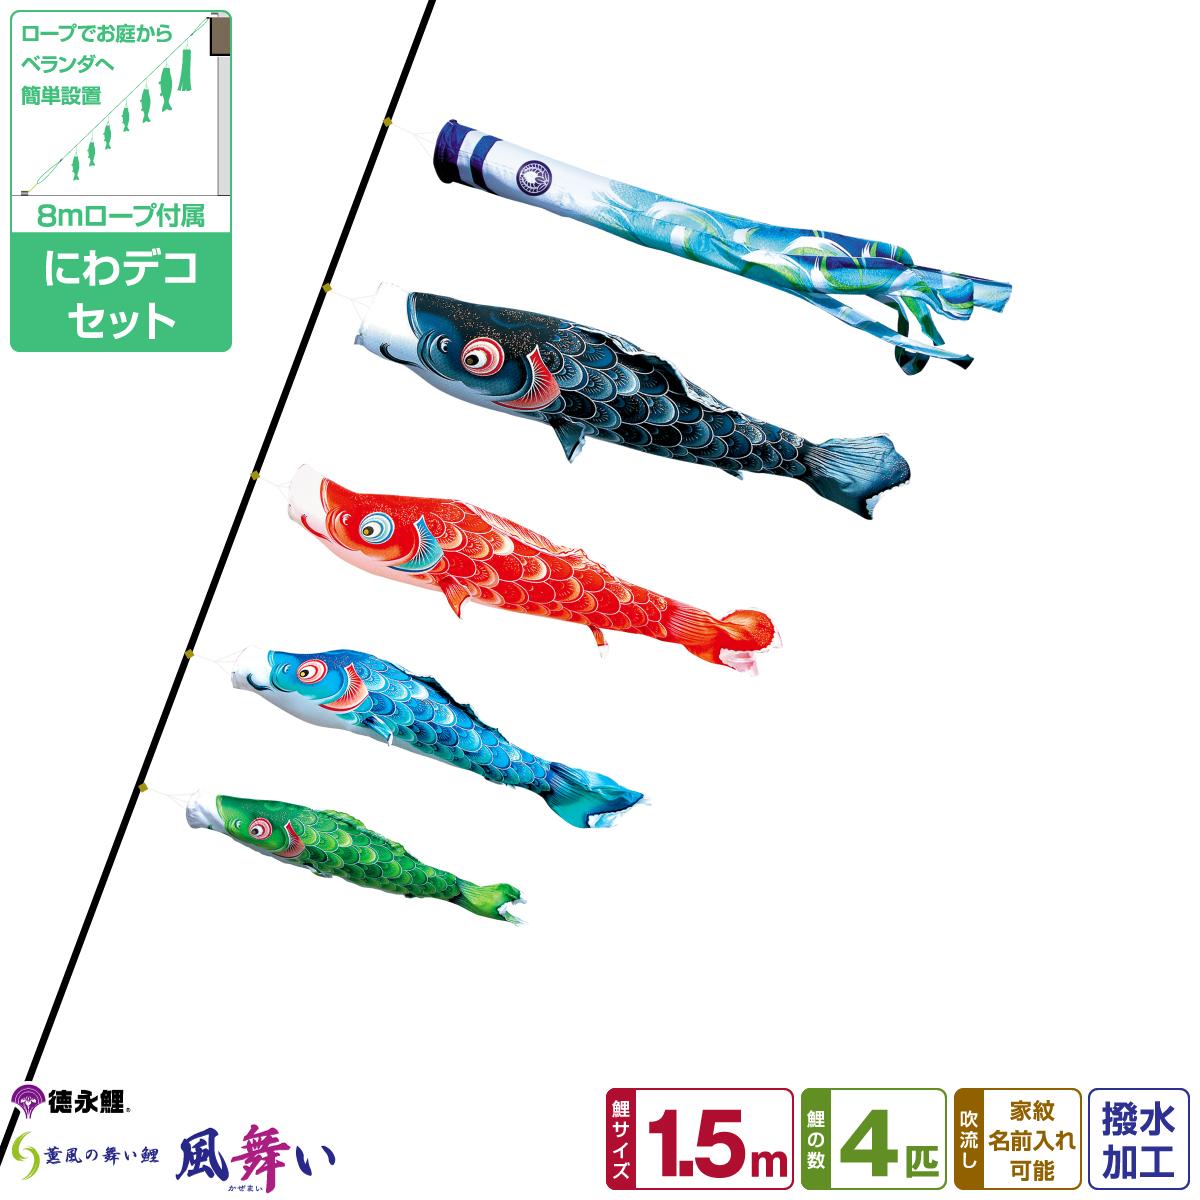 徳永鯉のぼり 風舞い鯉 1.5m 7点セット にわデコセット 2019年初節句 端午の節句 こどもの日 こいのぼり